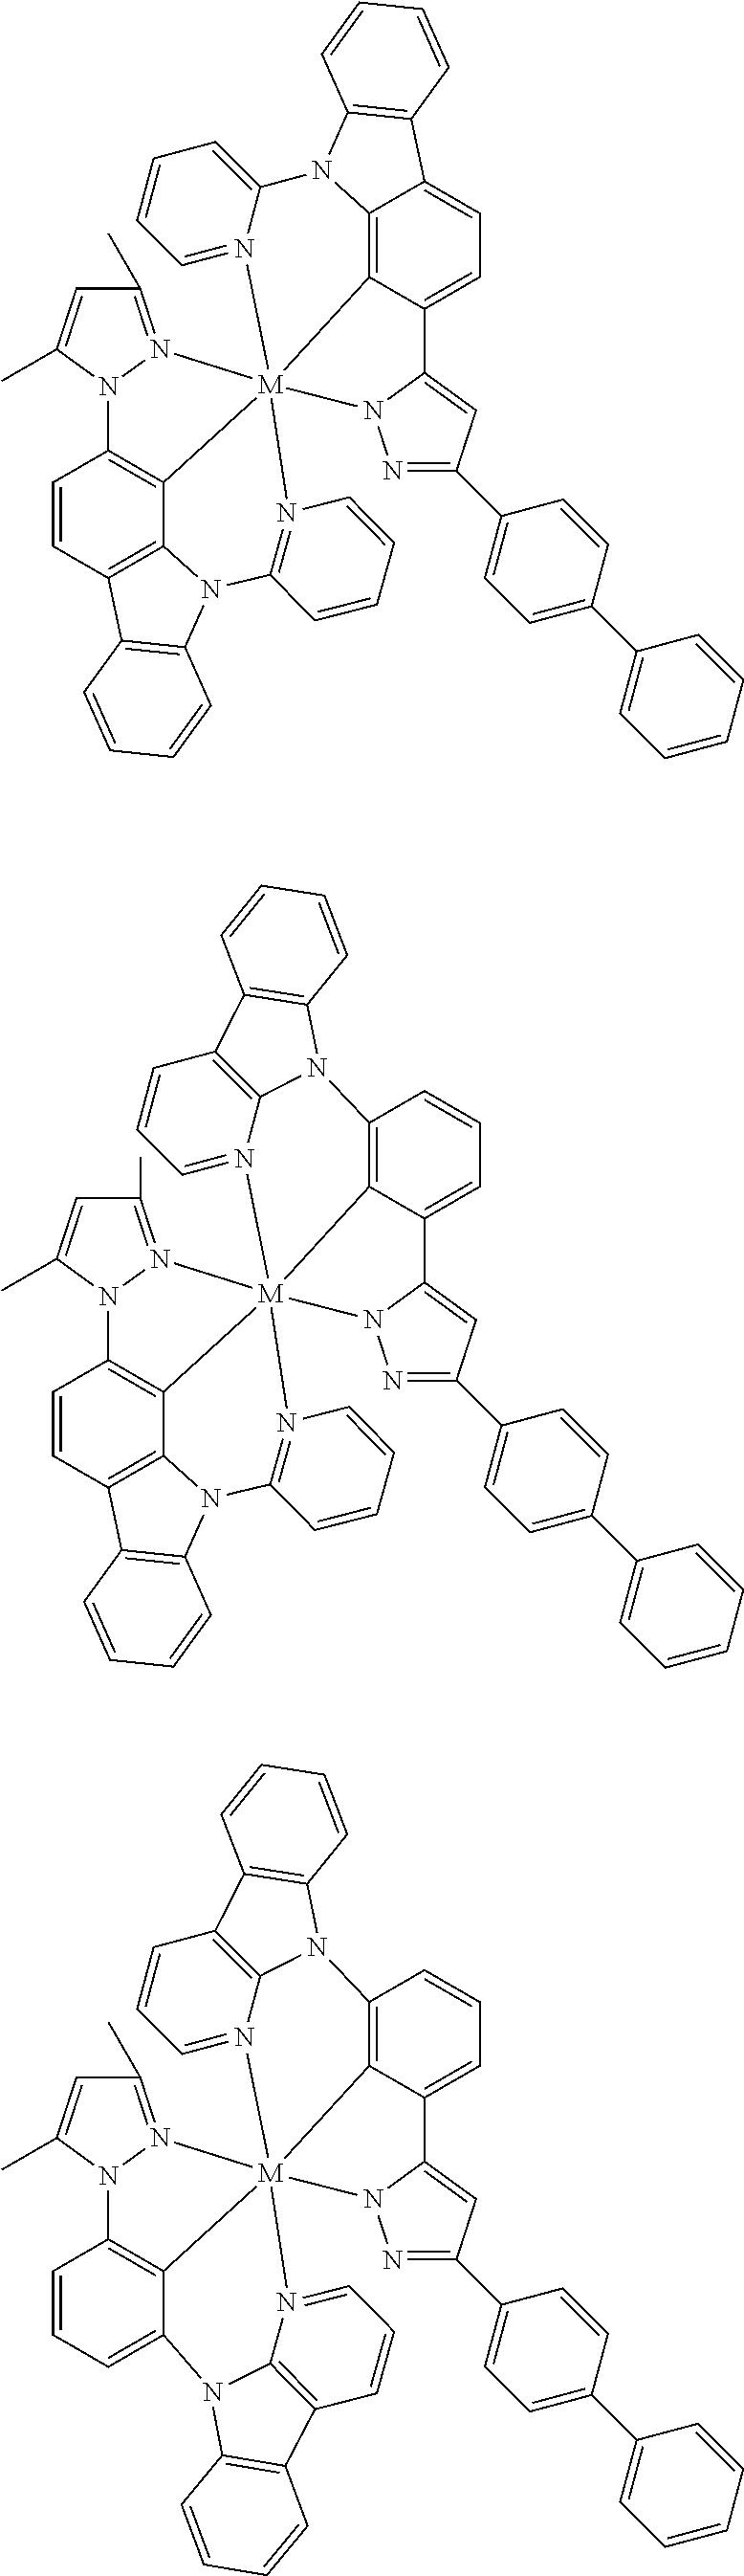 Figure US09818959-20171114-C00271